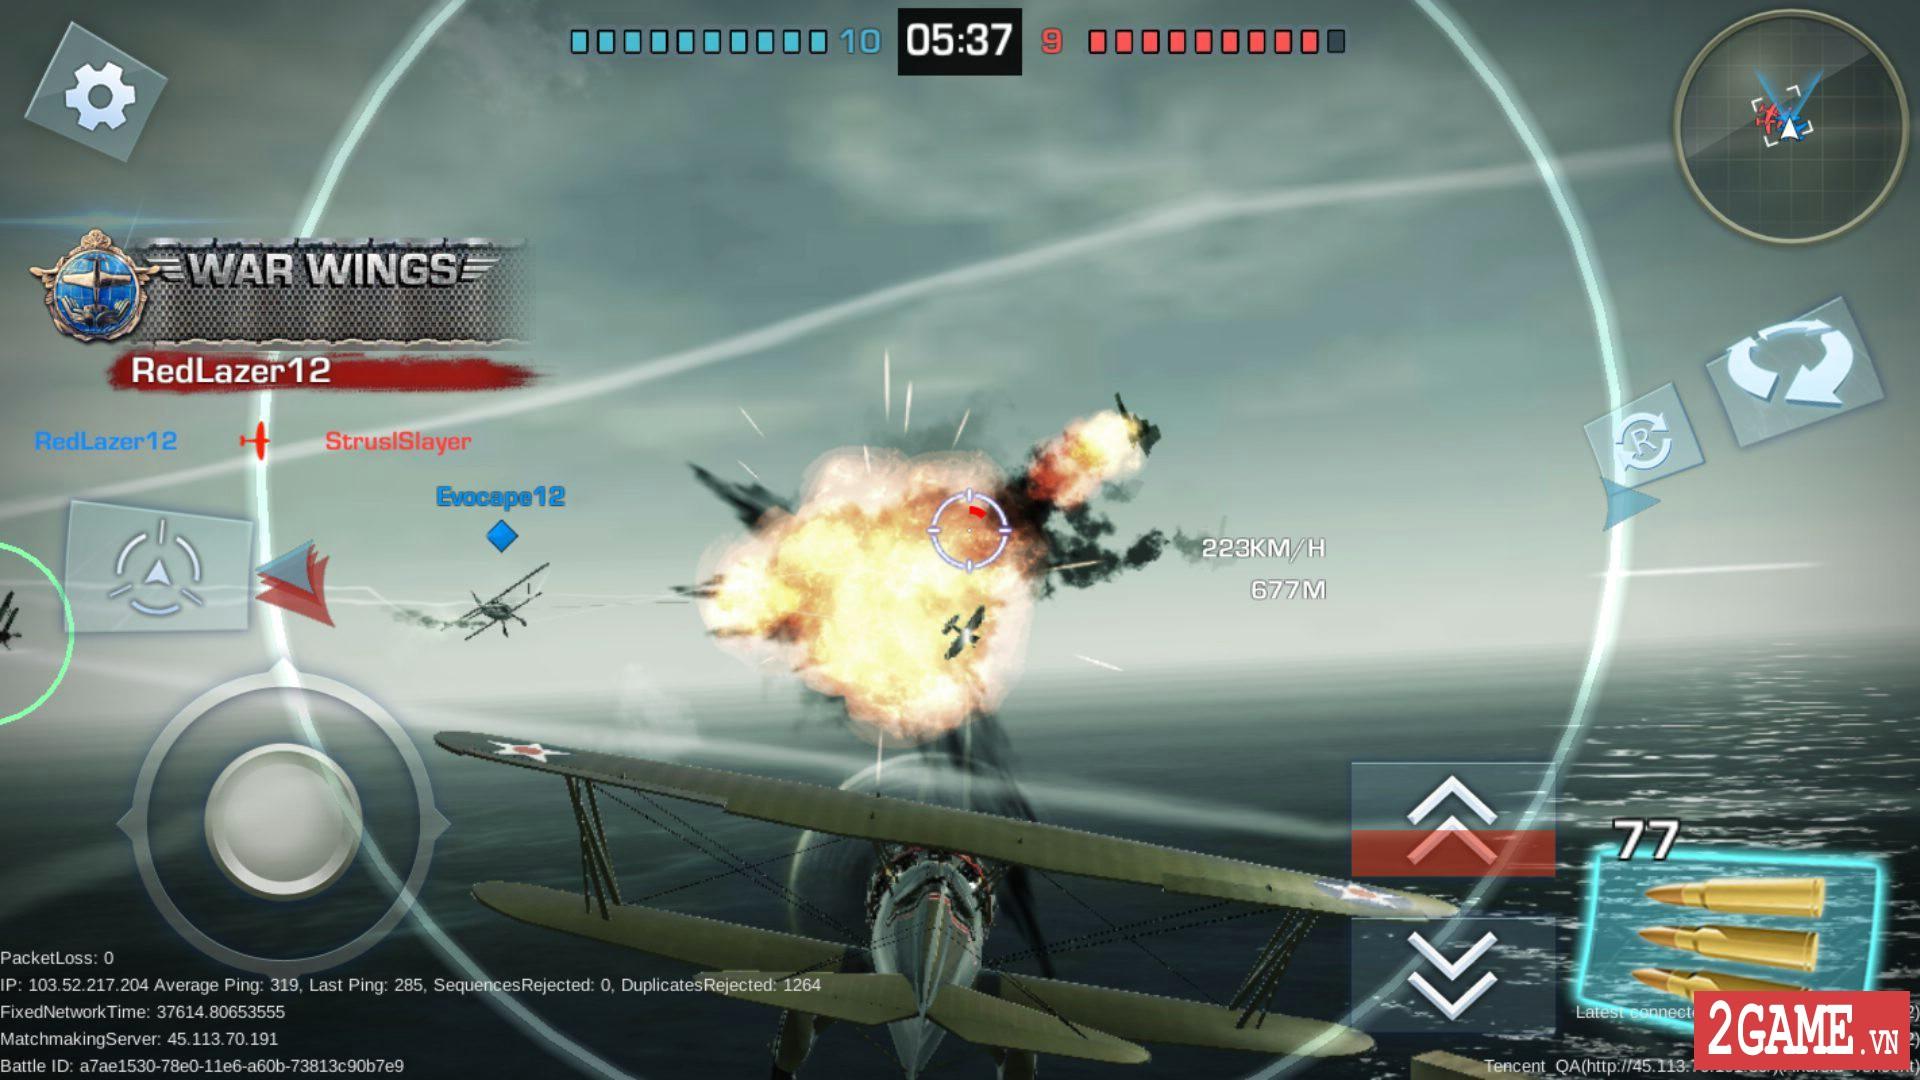 War Wings - Game bắn máy bay trực tuyến hay tuyệt cú mèo dành cho mobile game 6